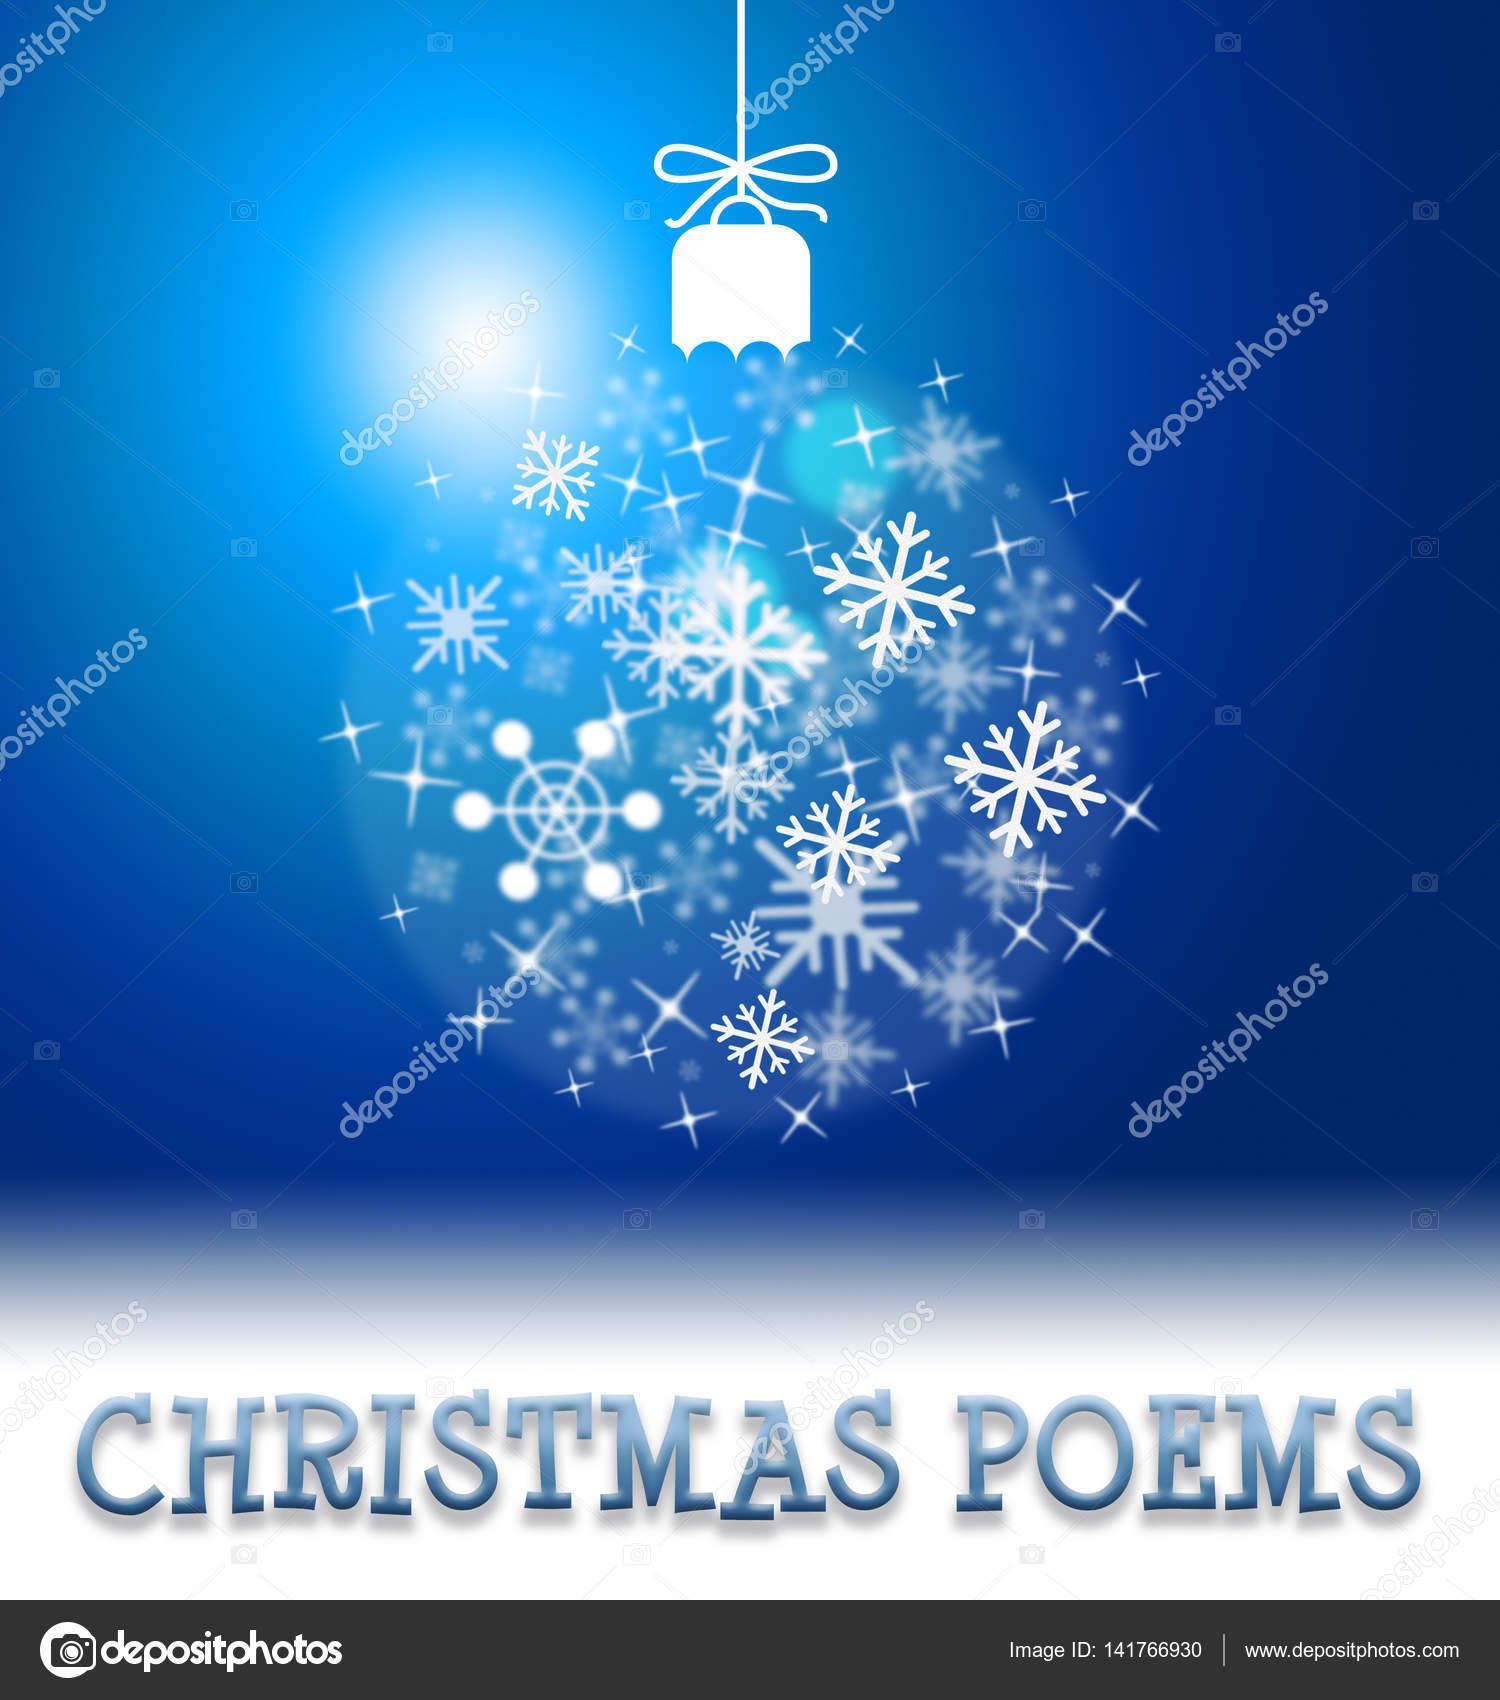 Weihnachten Gedichte Bedeutet Glücklich Festliche Begrüßung